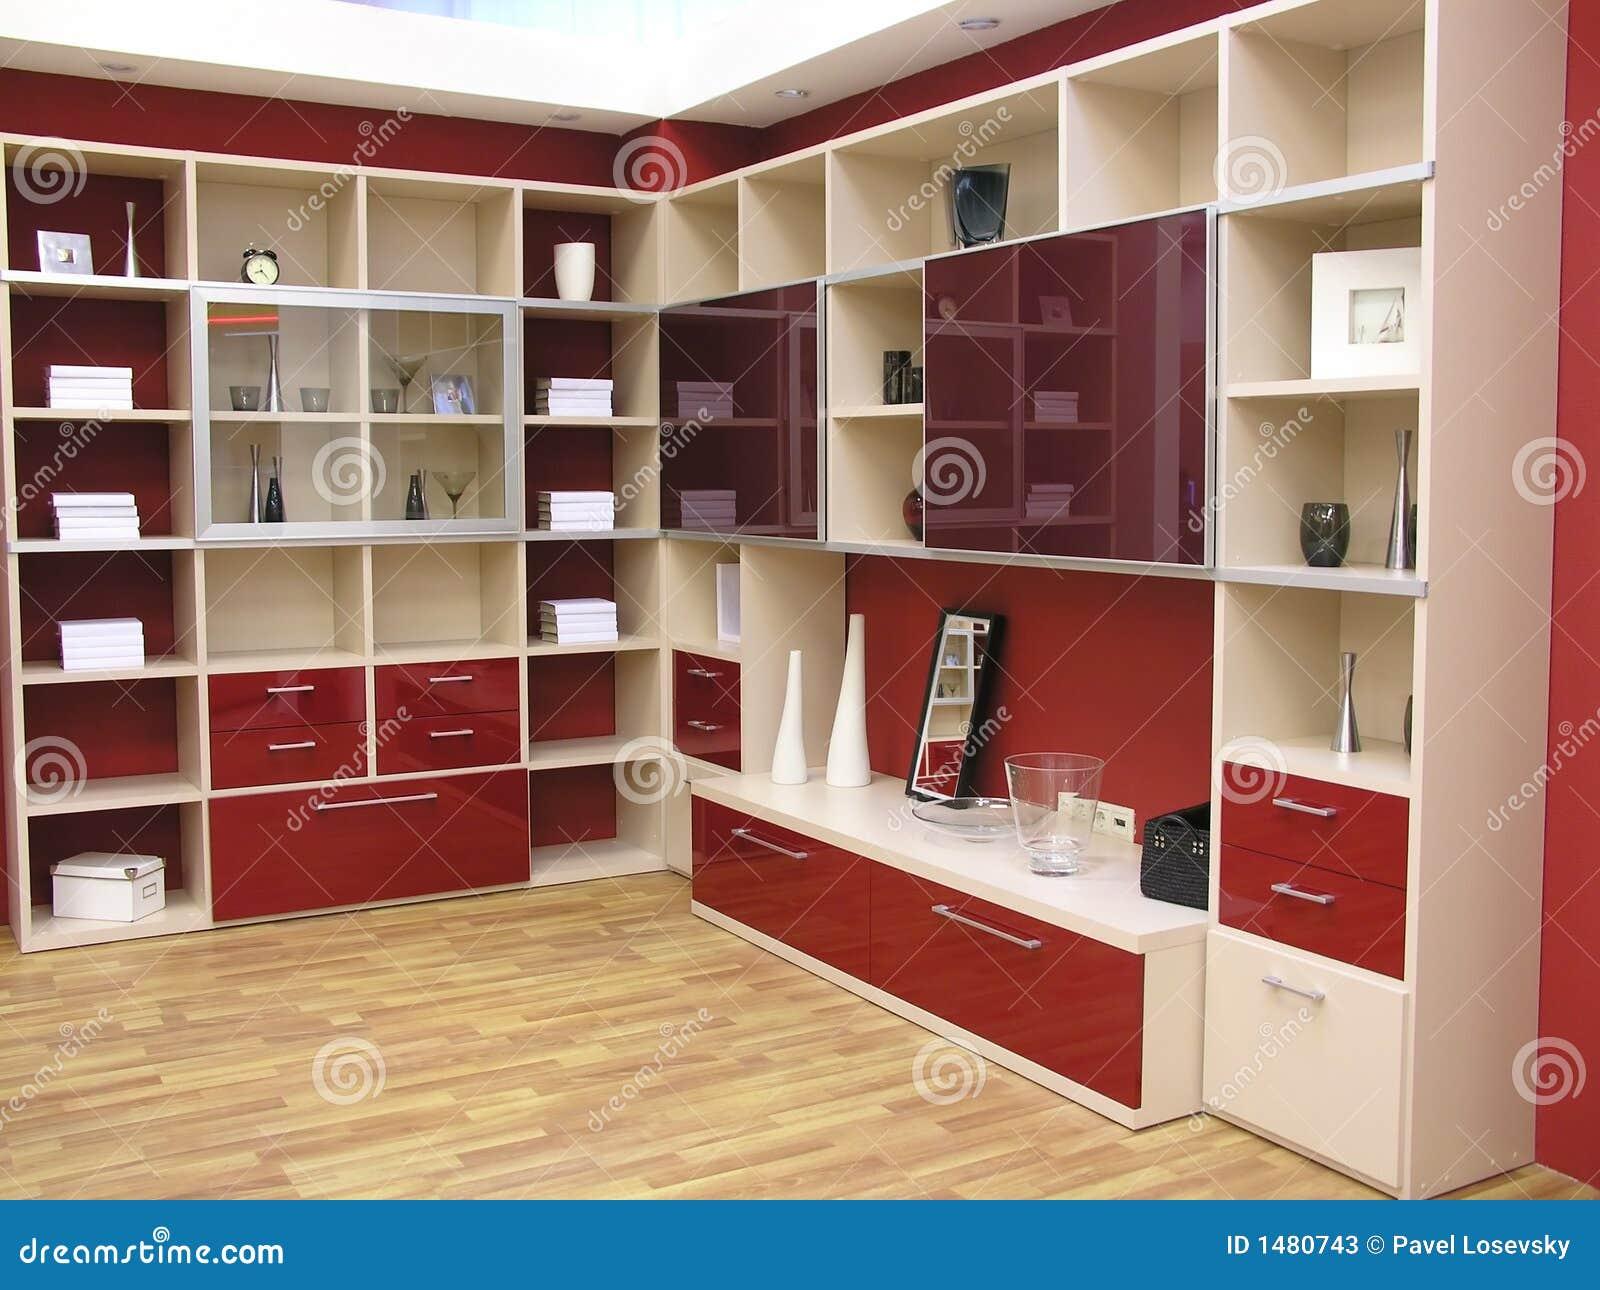 Estante para libros imagen de archivo imagen de pink 1480743 - Estantes para libros ...